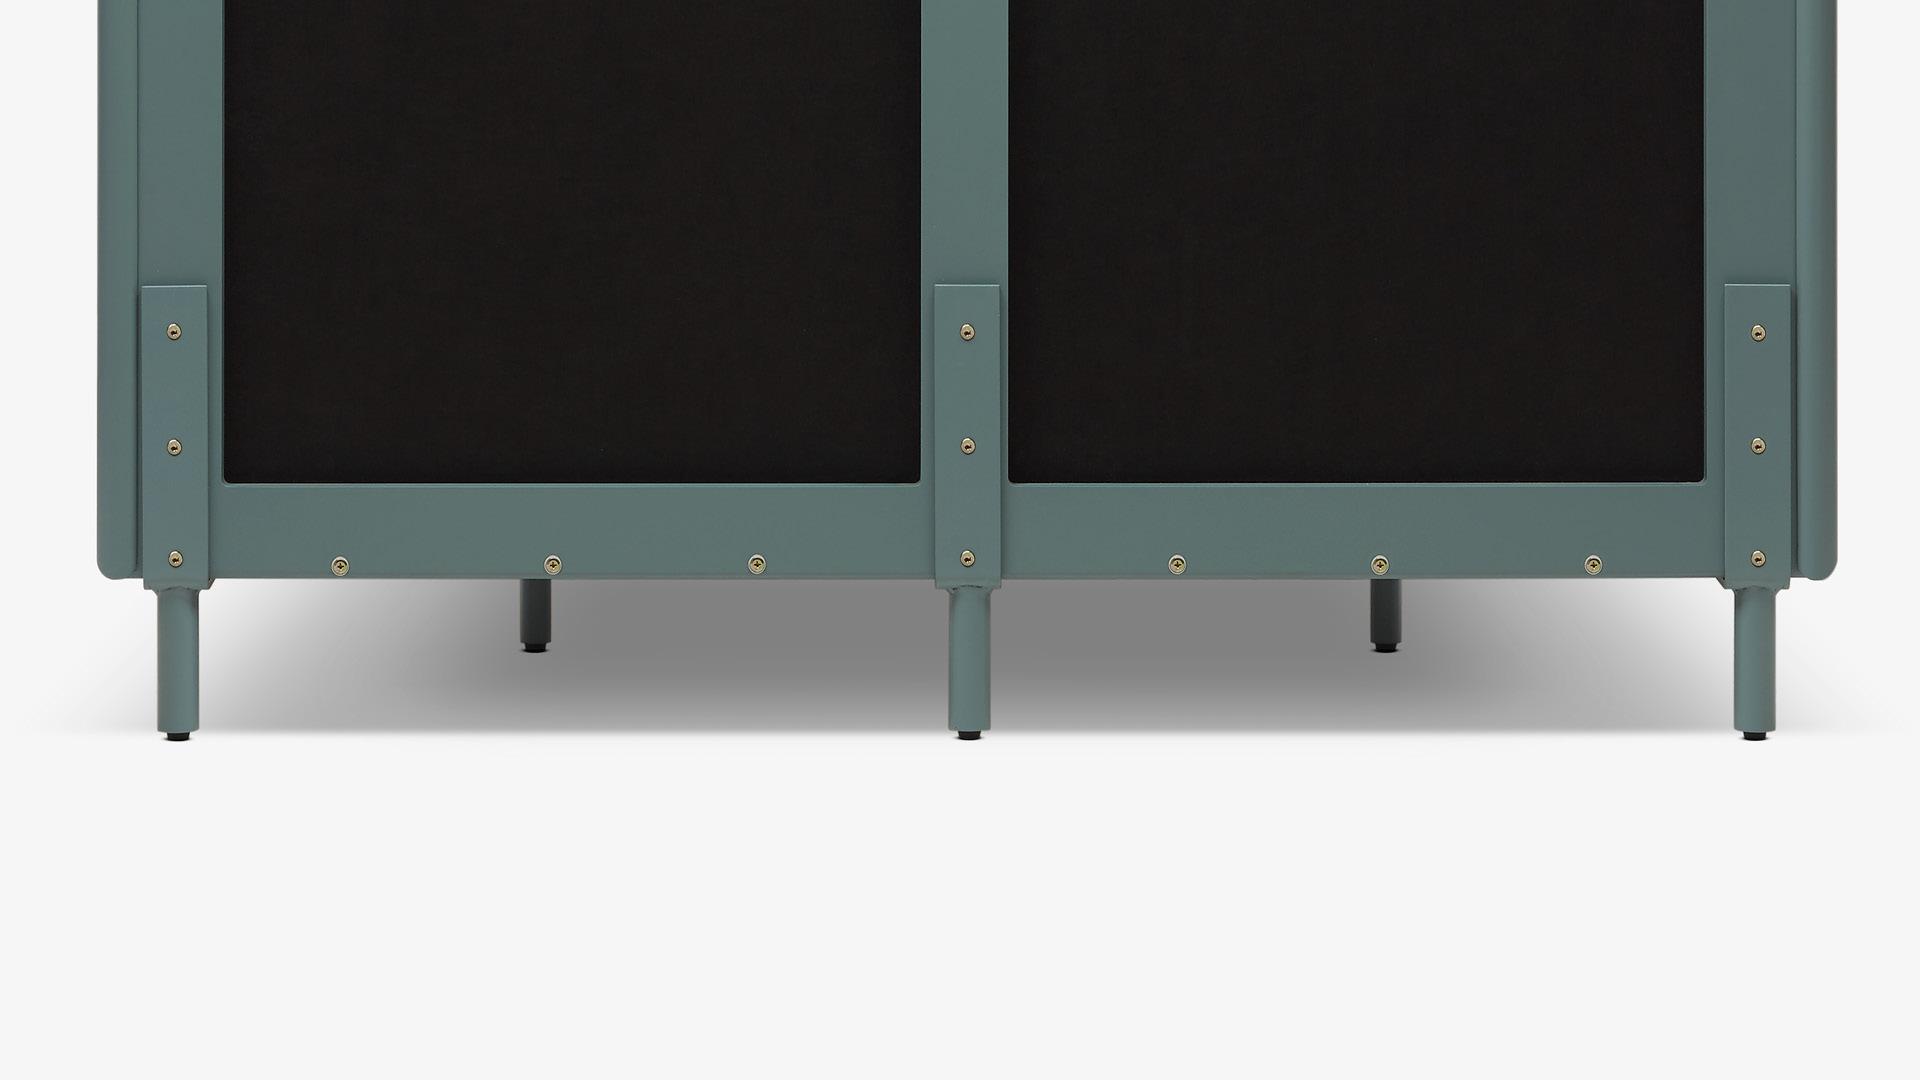 百吨级冲压成形定制钢板,稳固持久不变形